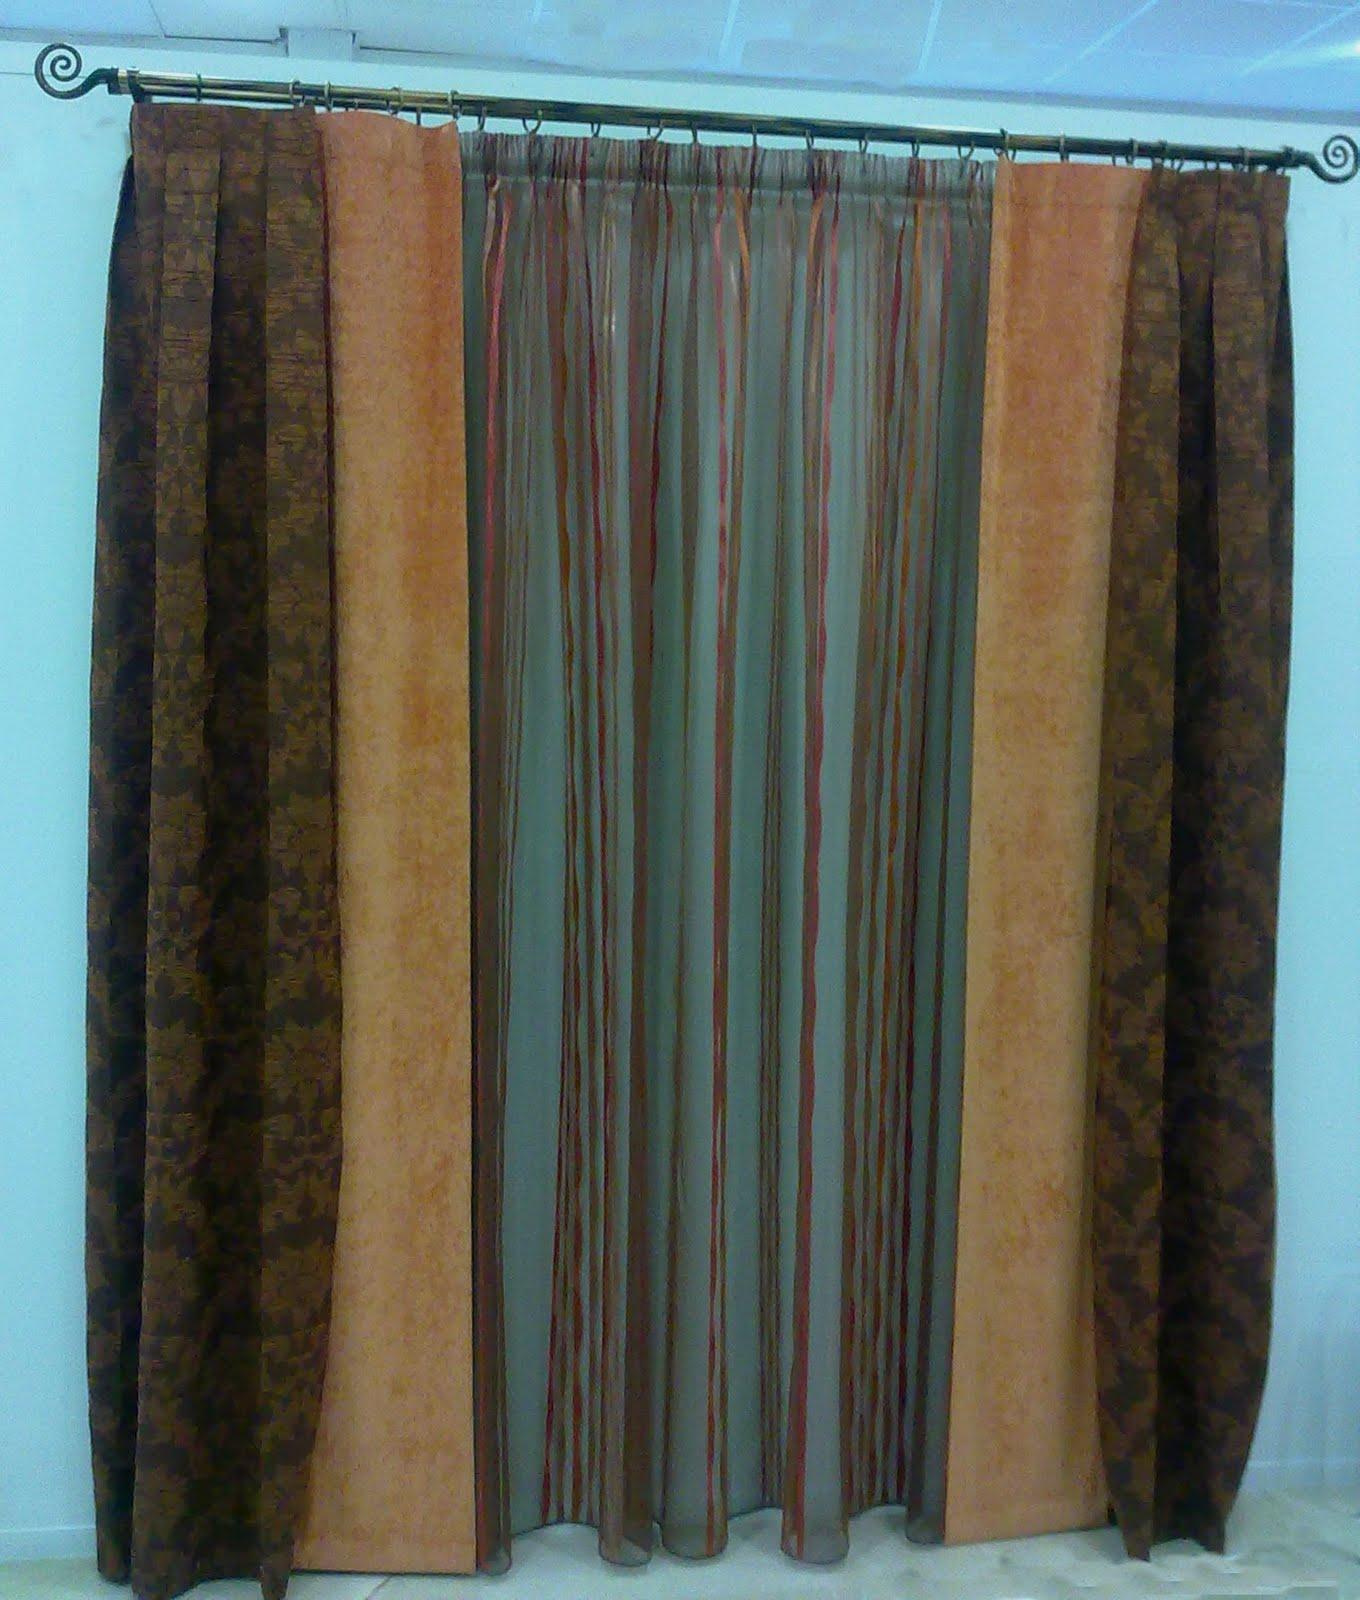 Pin cortinas y visillos brico group online on pinterest - Visillos y cortinas ...